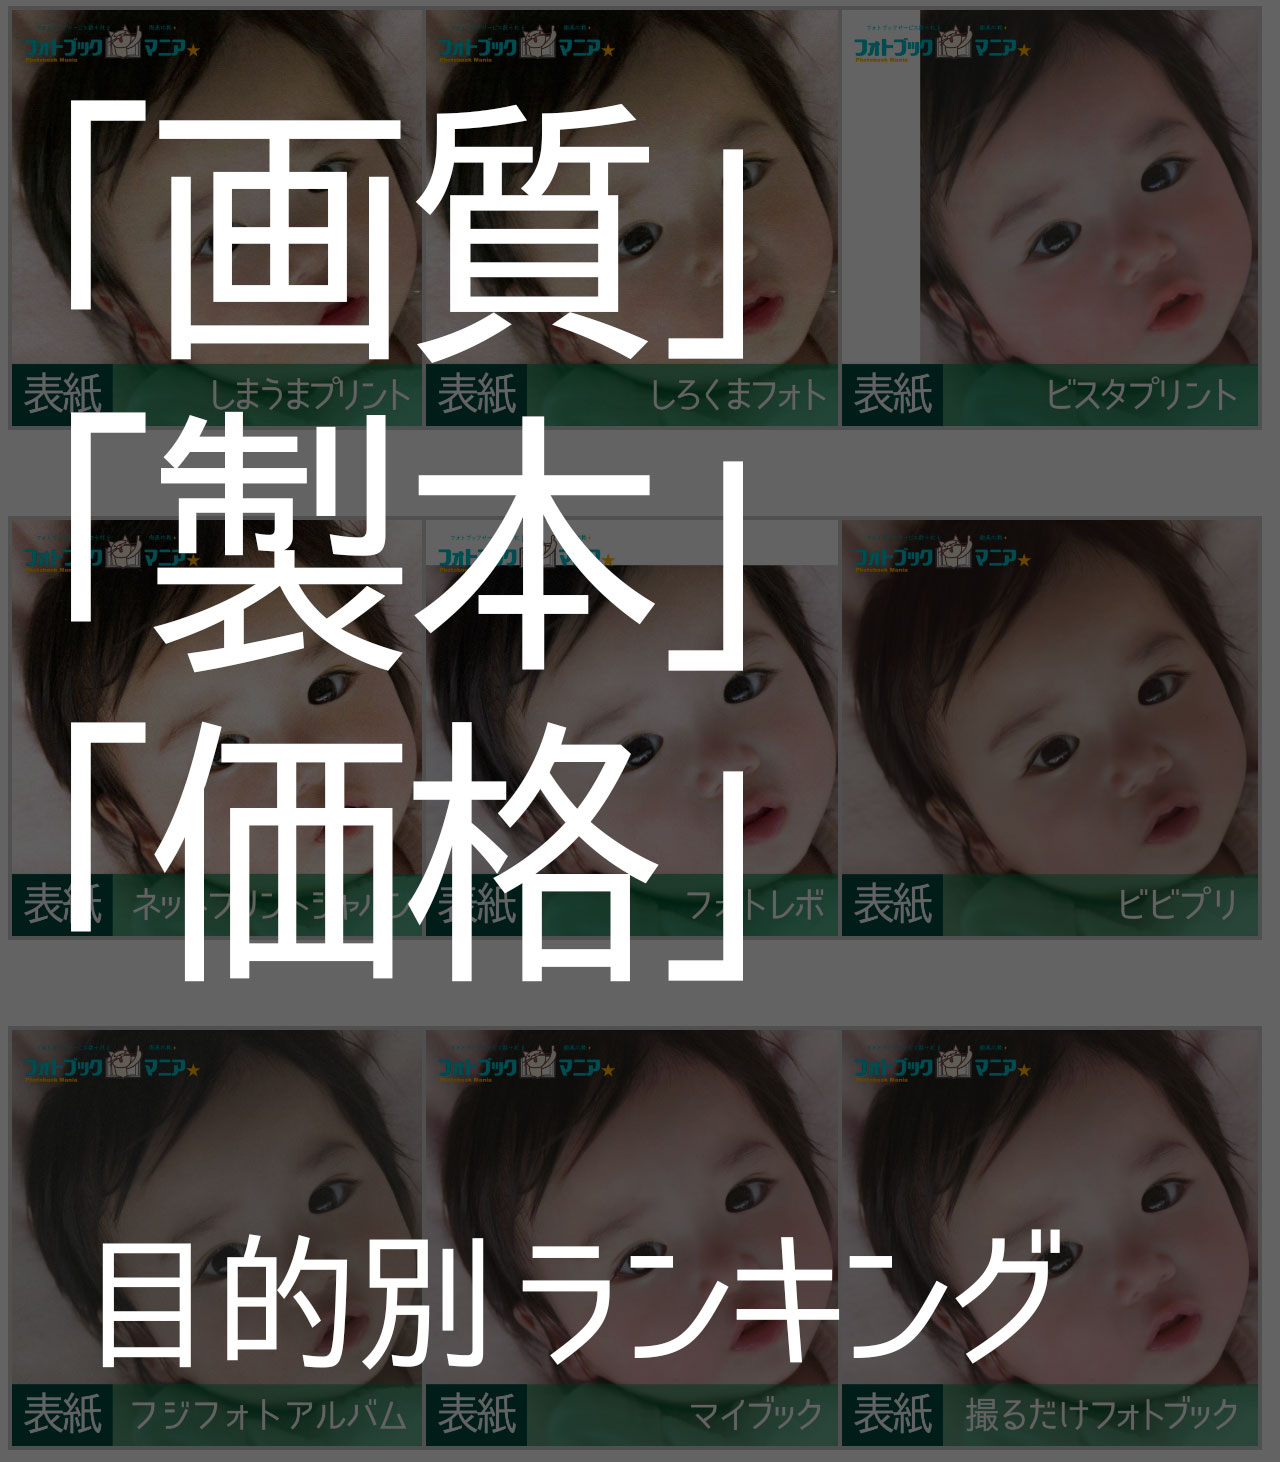 画質/製本/デザイン/価格別のおすすめフォトブック!(特徴・目的別)